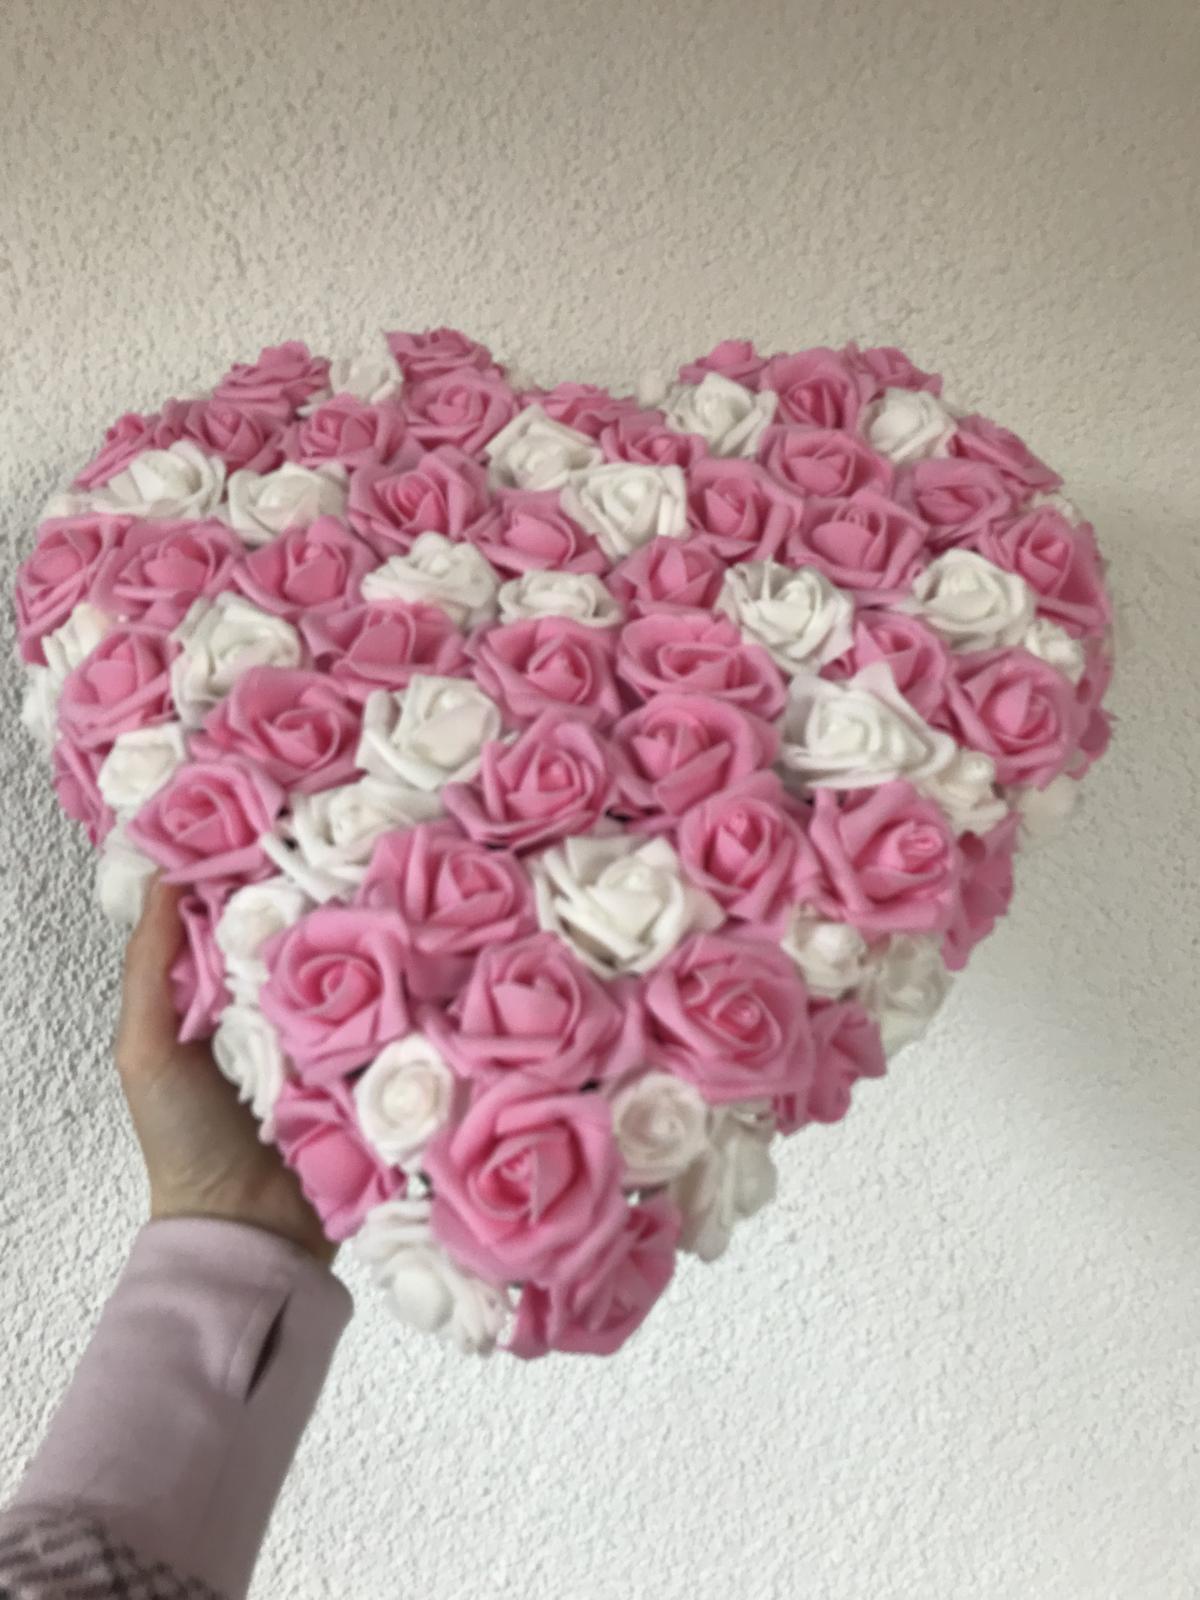 Srdce 45cm - Obrázek č. 2